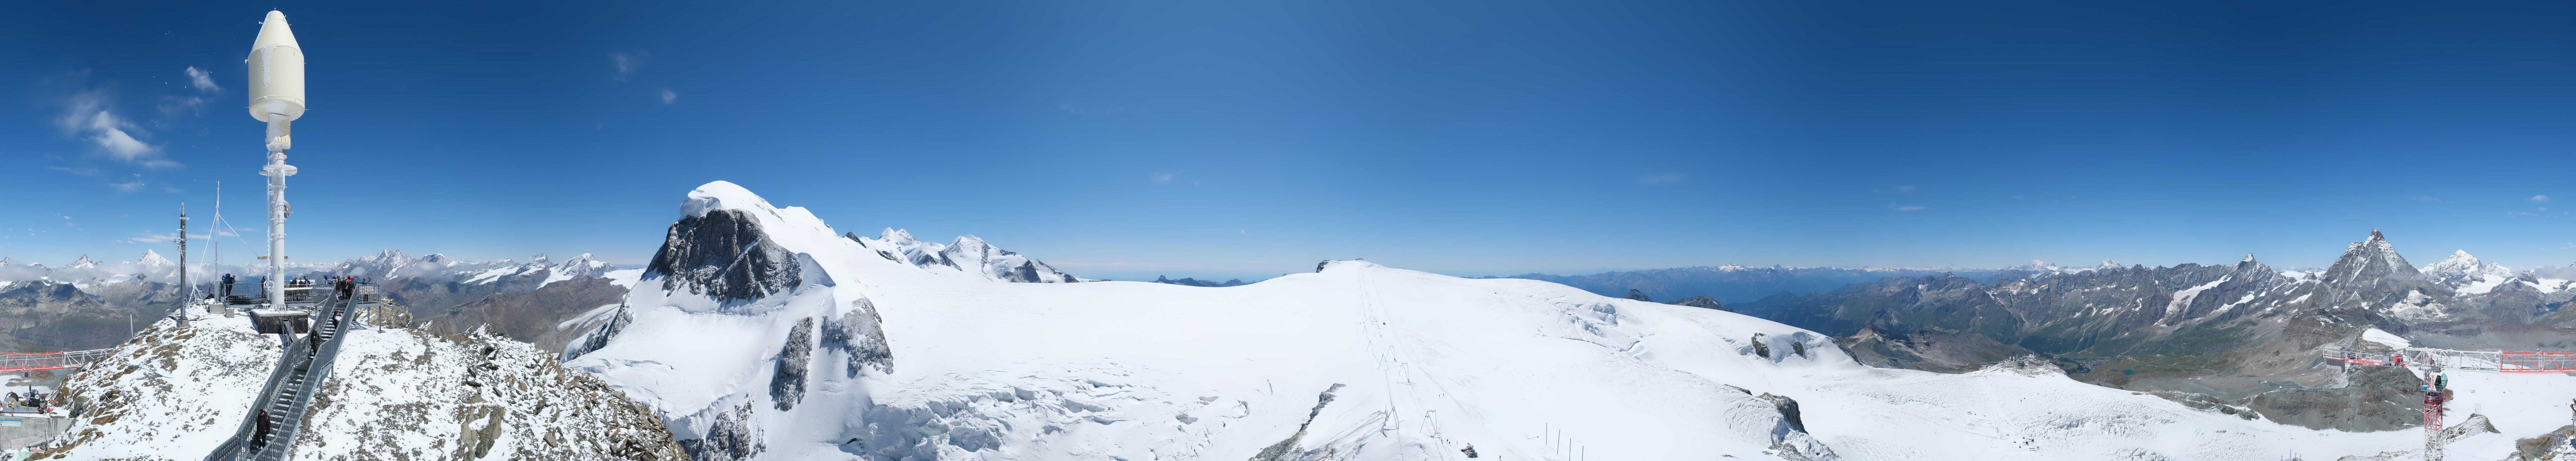 Zermatt Kleinmatterhorn - Gletscherskigebiet